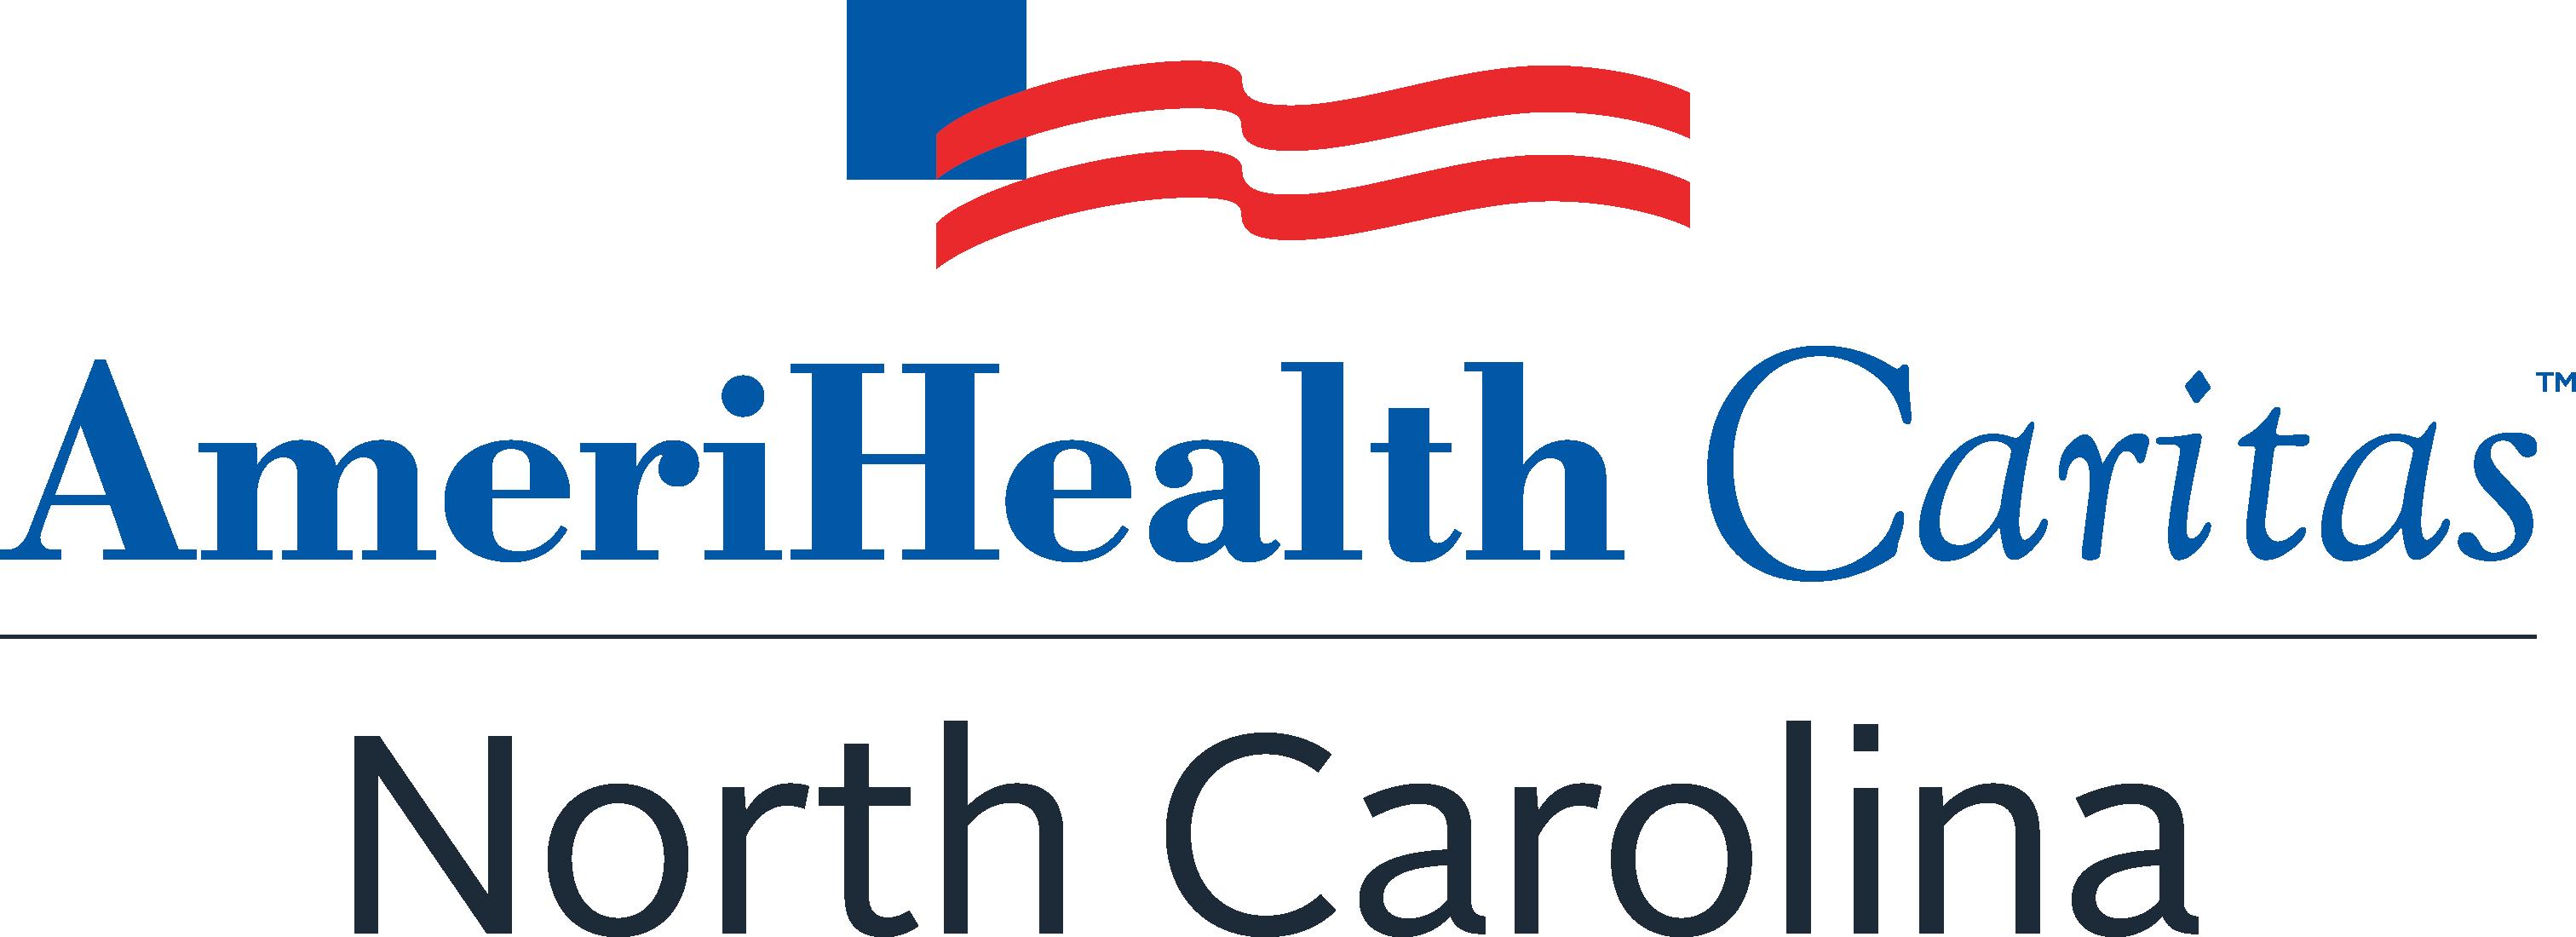 AmeriHealth Caritas North Carolina